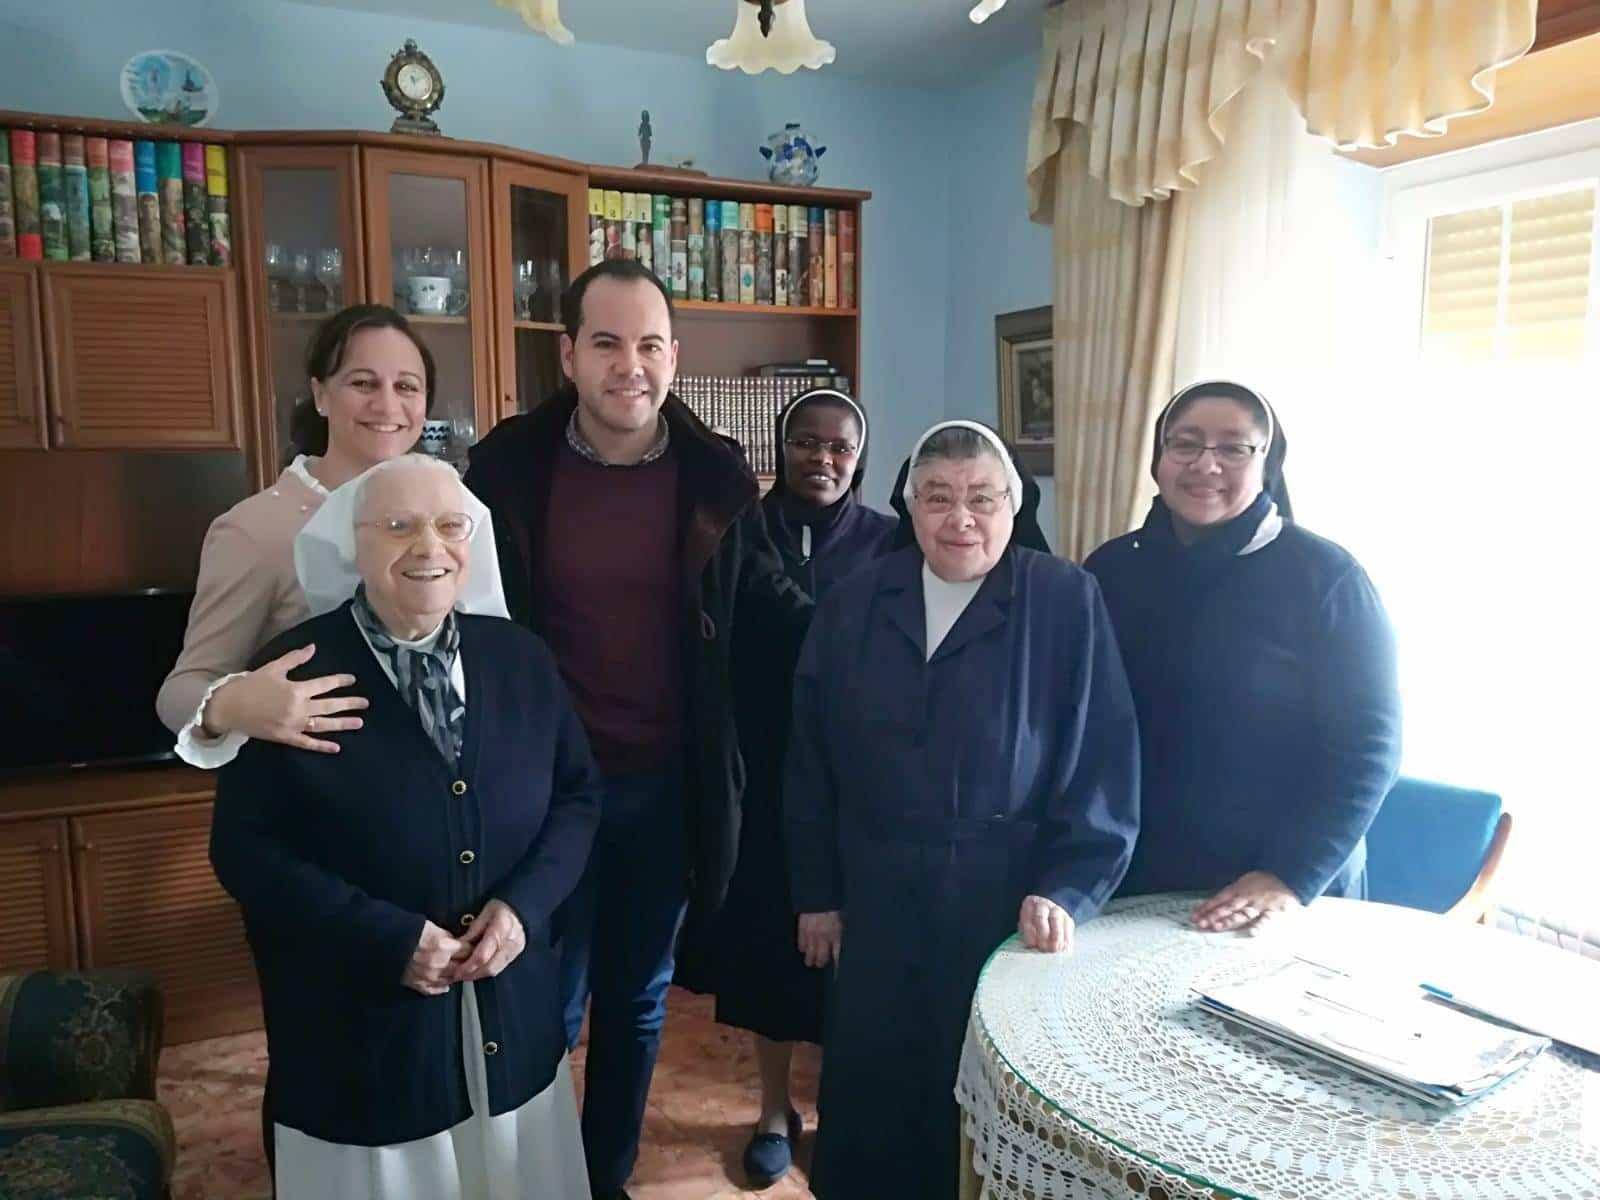 asilo residencia herencia hermanas franciscanas purisima concepcion - Visita del alcalde a la Residencia San Francisco en Herencia